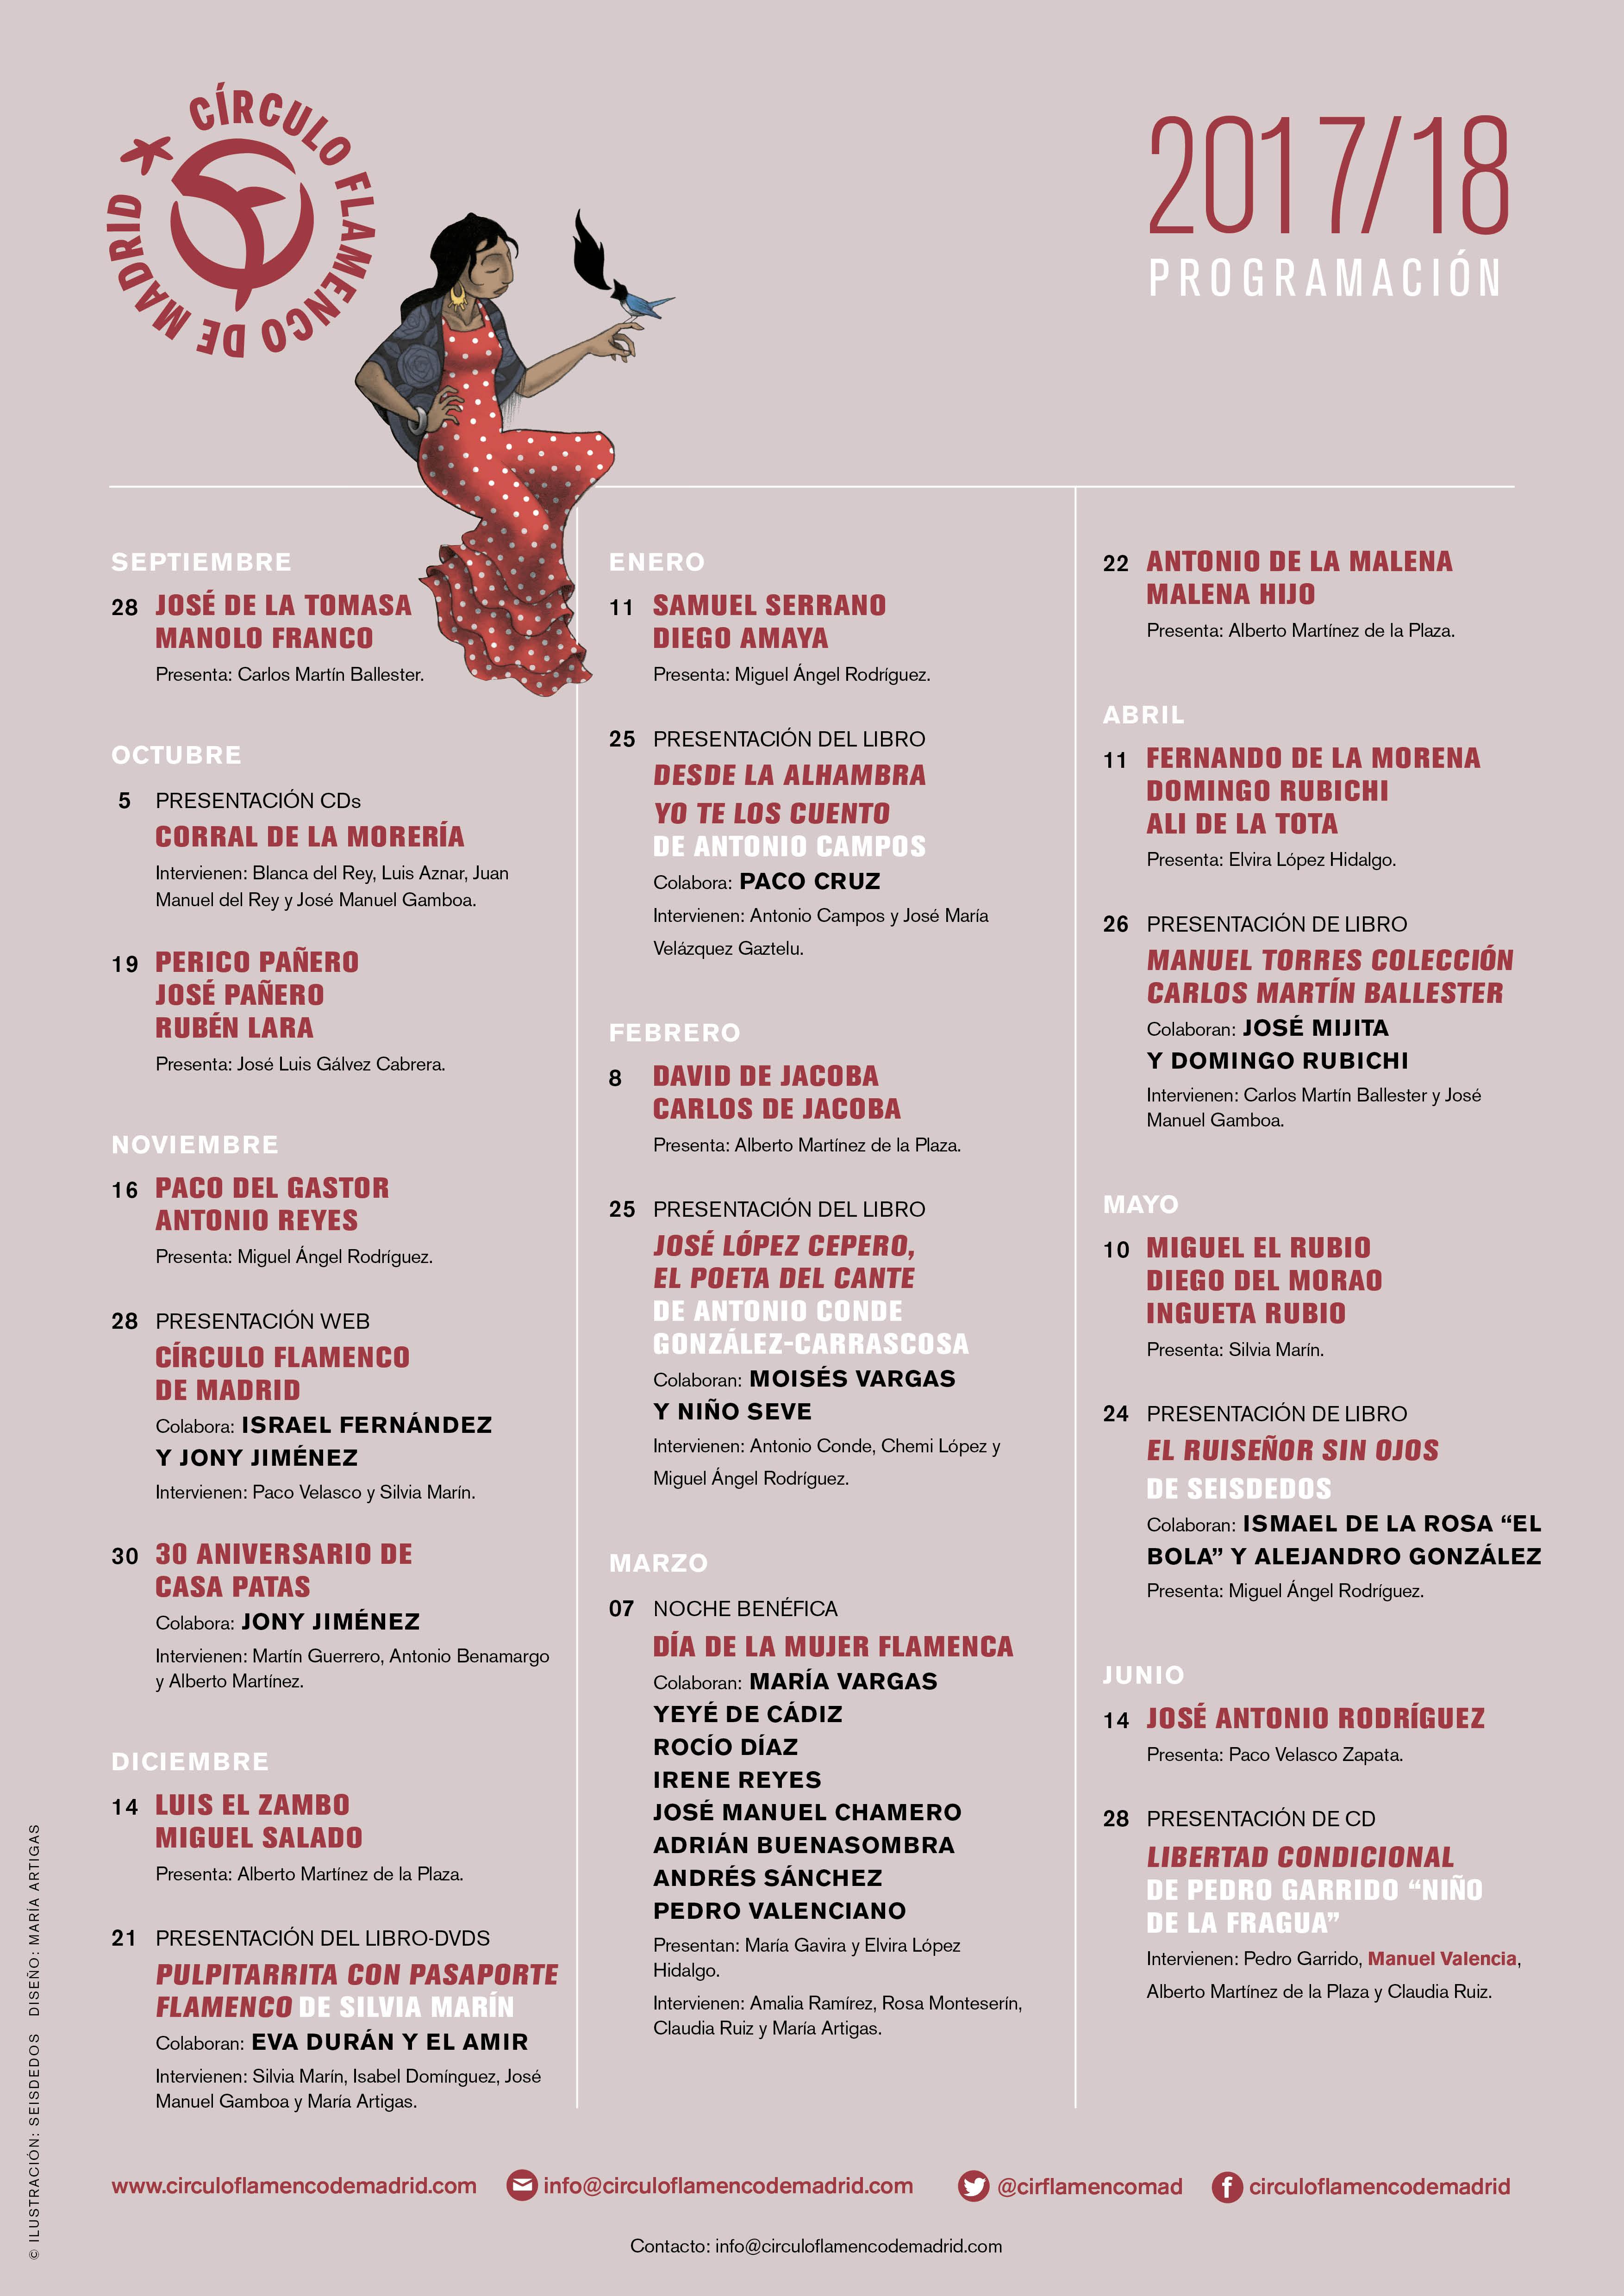 """Imagen describiendo la programación de septiembre de 2017 a junio de 2018 en el Círculo Flamenco de Madrid. Incluye: 28/9/2017, actuación de José de la Tomasa y Manolo Franco, presenta Carlos Martín Ballester; 5/10/2017, presentación CDs """"Corral de la Morería"""", intervienen Blanca del Rey, Luis Aznar, Juan Manuel del Rey y José Manuel Gamboa; 19/10/2017, actuación de Periico Pañero, José Pañero y Rubén Lara, presenta José Luis Gálvez Cabrera; 16/11/2017, actuación de Paco del Gastor y Antonio Reyes, presenta Miguel Ángel Rodriguez; 28/11/2017, presentación Web Círculo Flamenco de Madrid, colabora Israel Fernández y Jony Jiménez, intervienen Paco Velasco y Silvia Marín; 30/11/2017, 30 aniversario de Casa Patas, colabora Jony Jiménez, intervienen Martín Guerrero, Antonio Benamargosa y Alberto Martínez; 14/12/2017, actuación de Luis el Zambo y Miguel Salado; 21/12/2017, presentación del libro-DVD """"Pulpitarrita con Pasaporte Flamenco"""" de Silvia Marín, colaboran Eva Durán y El Amir, intervienen Silvia Marín, Isabel Domínguez, José Manuel Gamboa y María Artigas; 11/1/2018, actuación de Samuel Serrano y Diego Amaya, presenta Miguel Ángel Rodríguez; 25/1/2018, presentación del libro """"Desde la Alhambra yo te los Cuento"""" de Antonio Campos, colabora Paco Cruz, Intervienen Antonio Campos y José María Velázquez Gaztelu; 8/2/2018, actuación de, David de Jacoba y Carlos de Jacoba, presenta Alberto Martínez de la Plaza; 25/2/2018, presentación del libro """"José López Cepero, el Poeta del Cante"""" de Antonio Conde González-Carrascosa, colaboran Moisés Vargas y Niño Seve, intervienen Antonio Conde, Chemi López y Miguel Ángel Rodríguez; 7/3/2018, Noche Benéfica """"Día de la Mujer Flamenca"""", colaboran María Vargas, Yeé de Cádiz, Rocío Díaz, Irene Reyes, José Manuel Chamero, Adrián Buenasombra, Andrés Sánchez y Pedro Valenciano, presentan María Gavira y Elvira López Hidalgo, intervienen Amalia Ramírez, Rosa Monteseirín, Claudia Ruiz y María Artigas; 22/3/2018, actuación de Antonio de la Malena"""